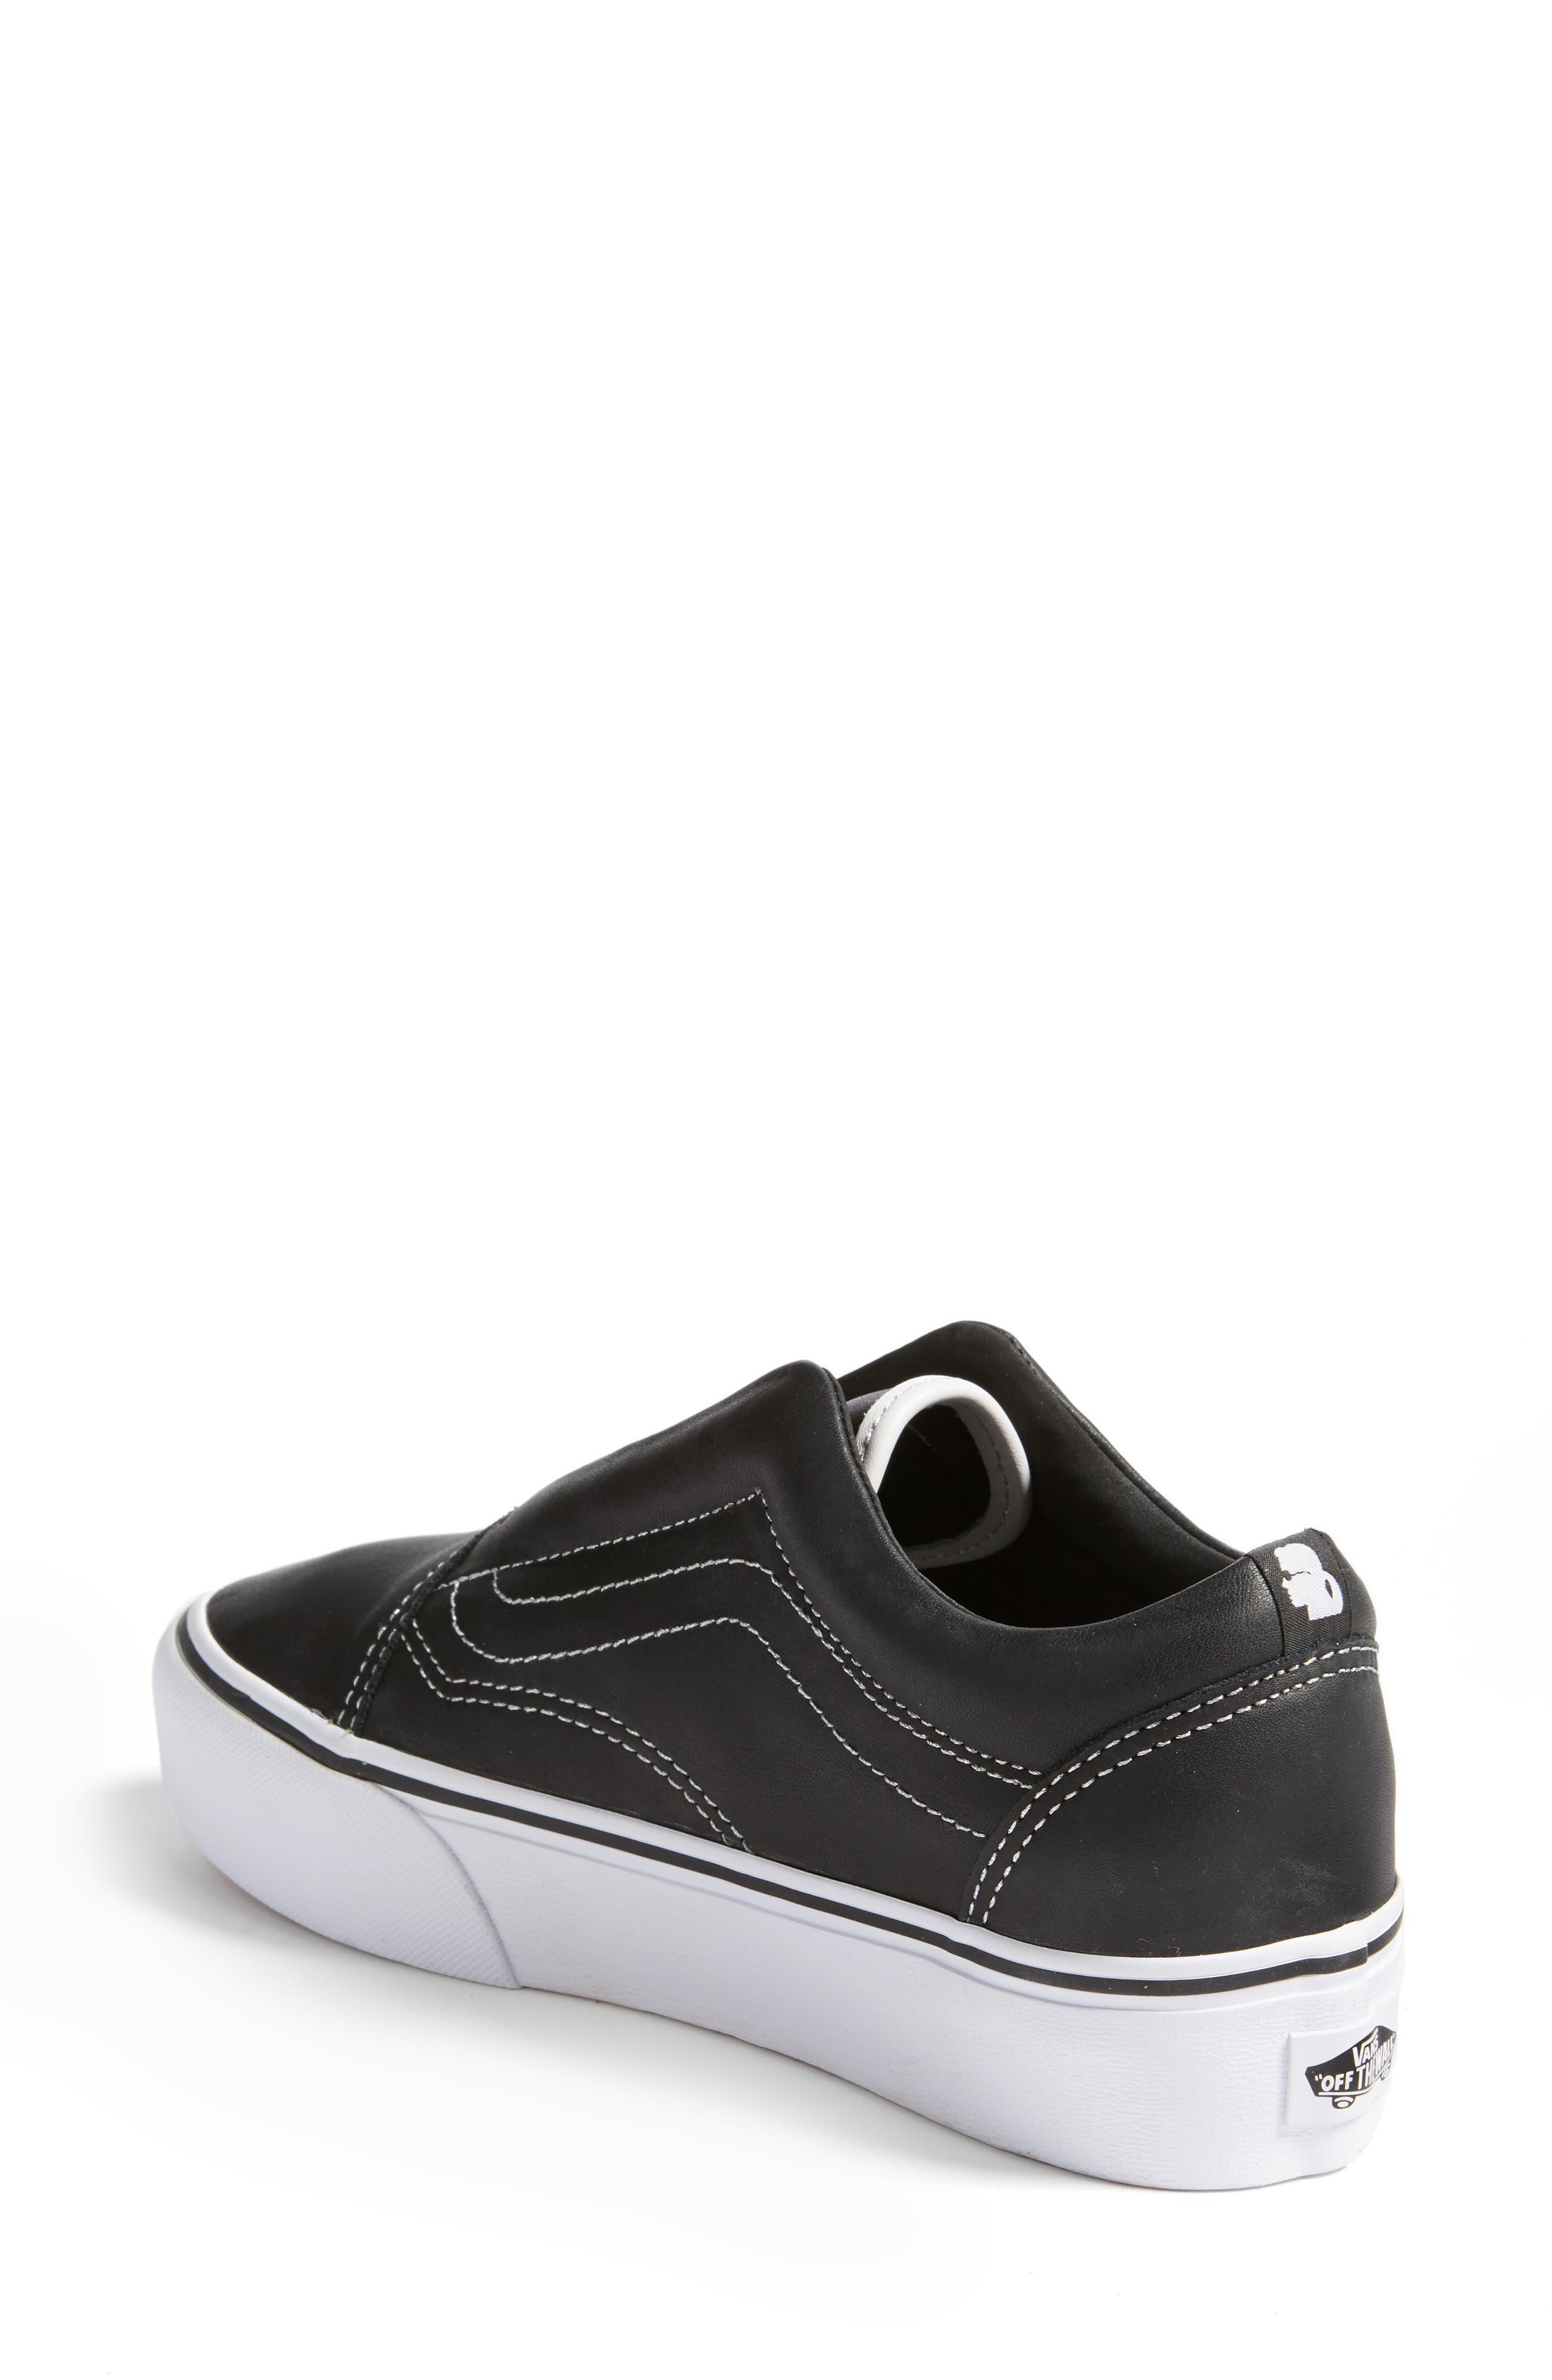 VANS,                             x KARL LAGERFELD Old Skool Leather Platform Sneaker,                             Alternate thumbnail 2, color,                             001